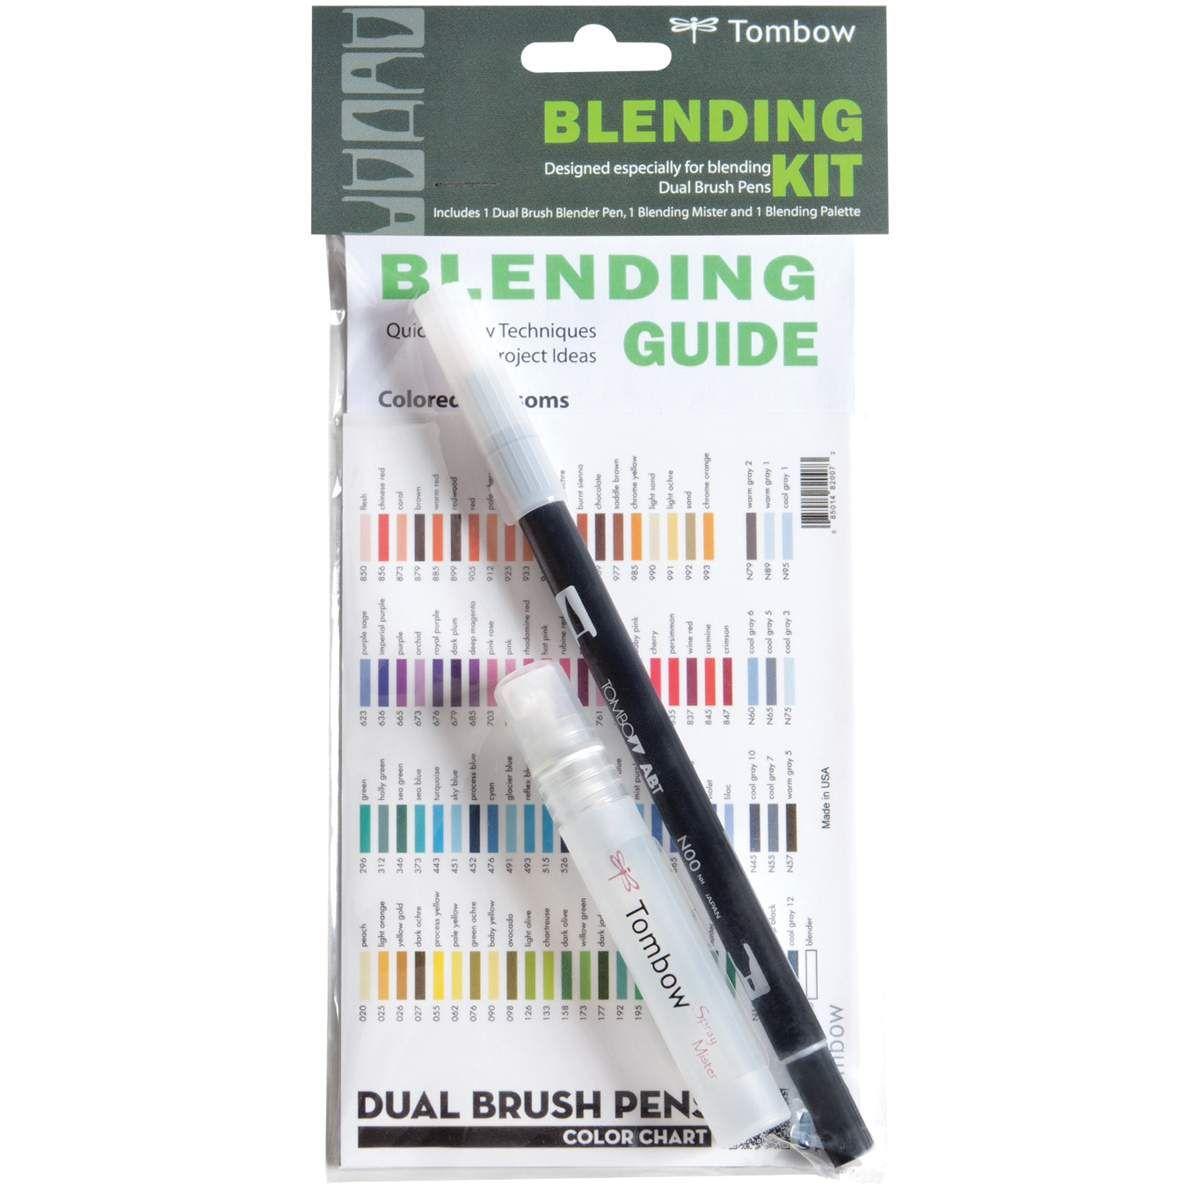 Tombow Blending Kit Tombow Dual Brush Pen Tombow Dual Brush